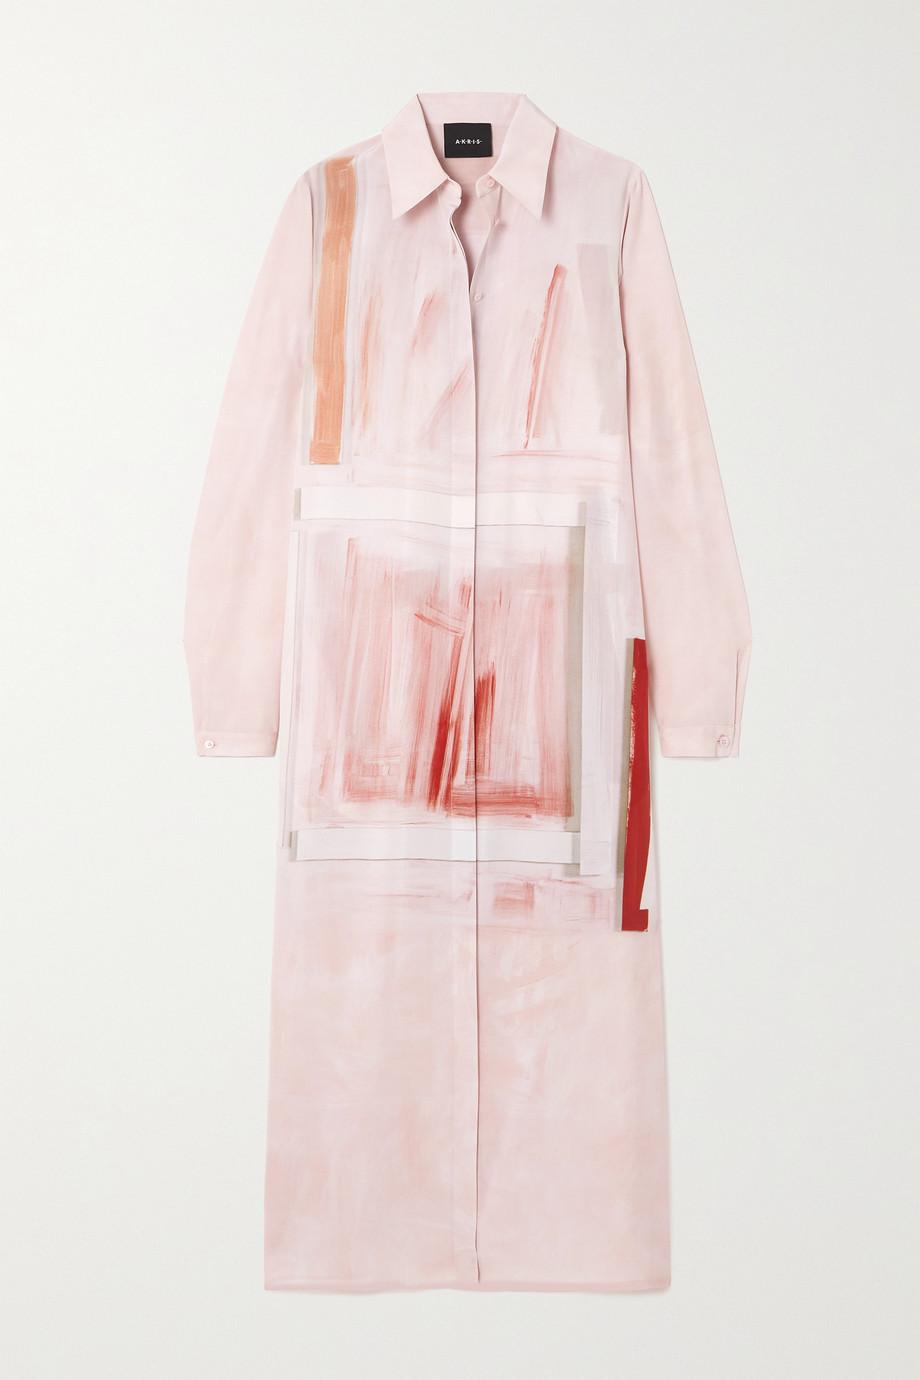 Akris Robe-chemise midi en crêpe de soie imprimé à ceinture